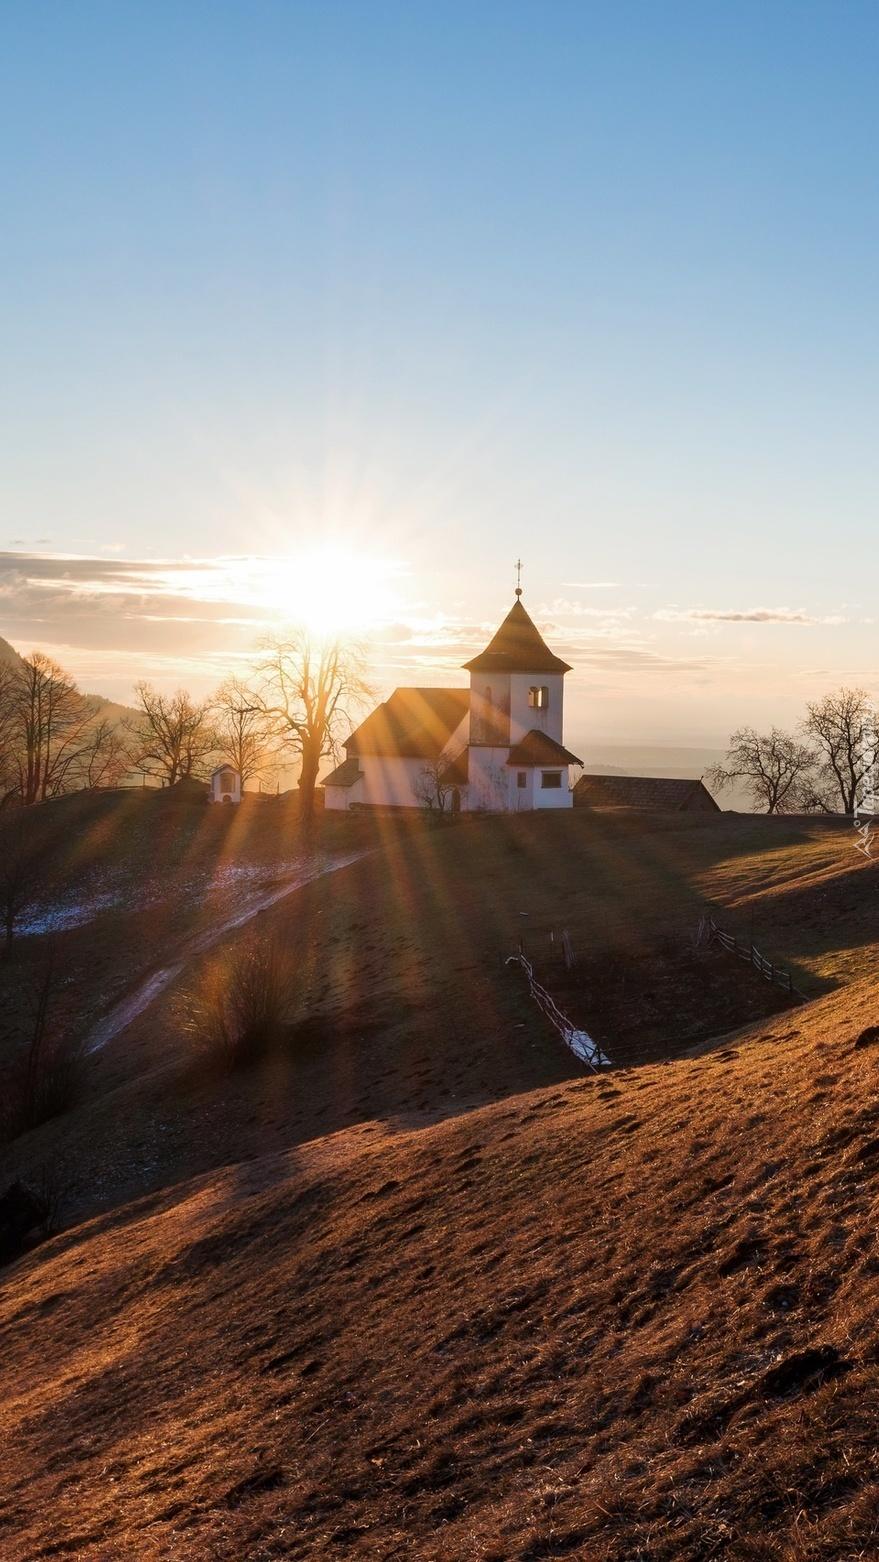 Kościół w promieniach wschodzącego słońca